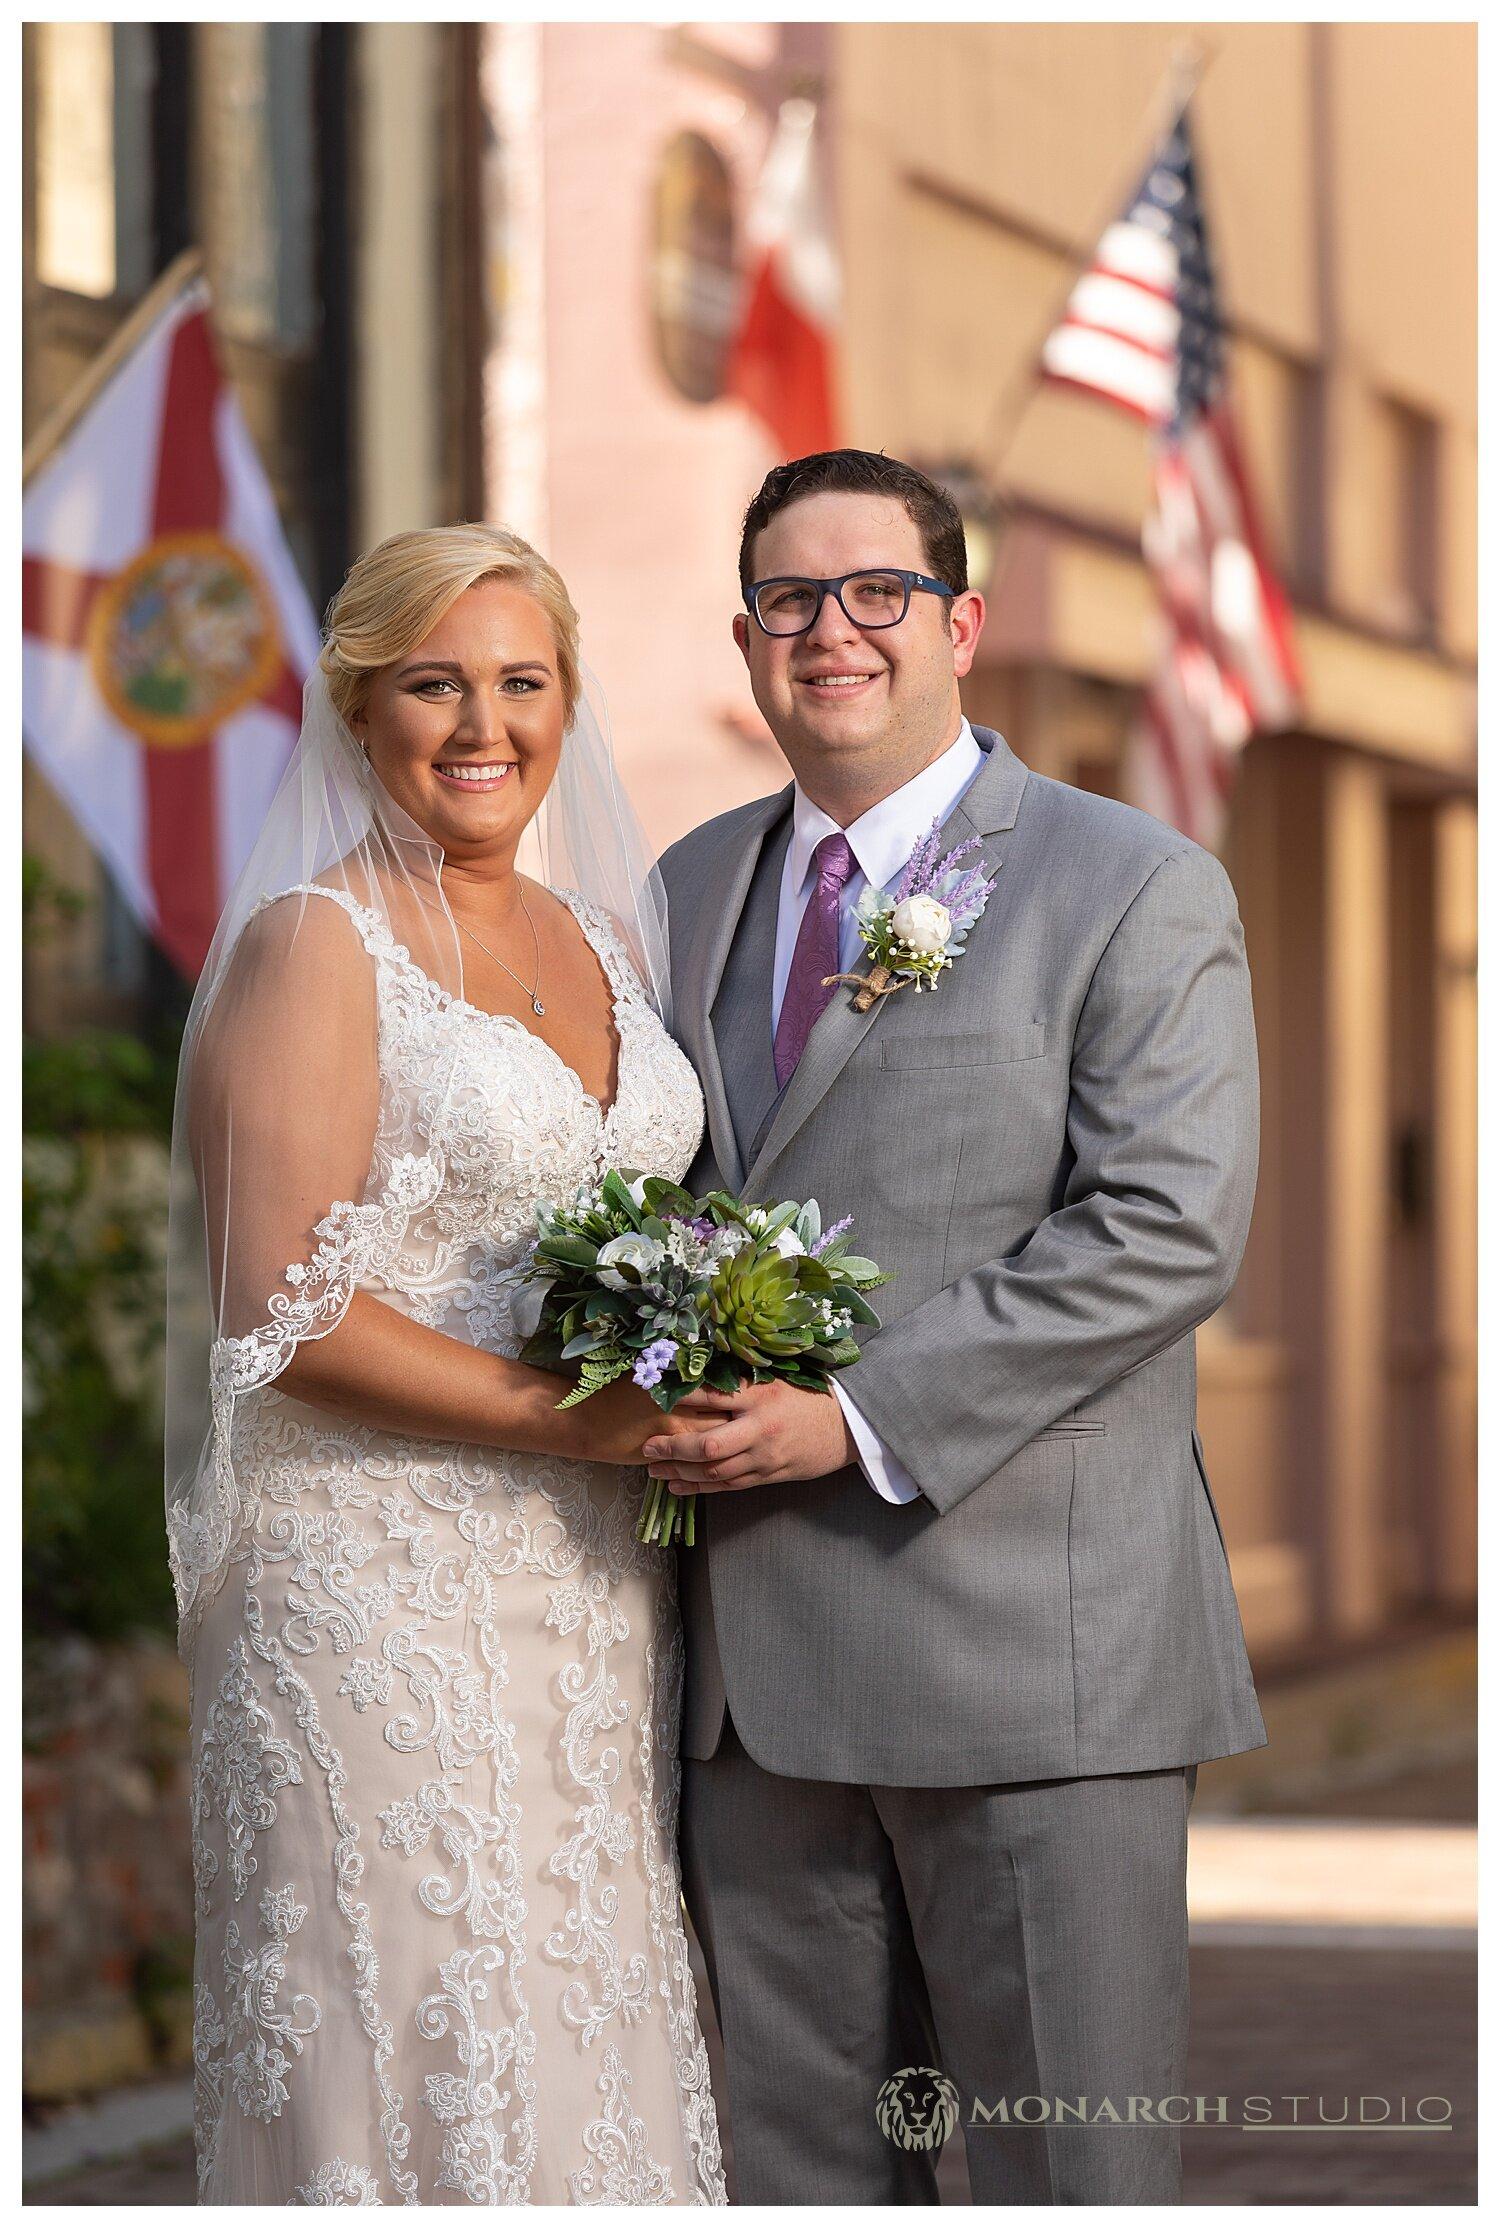 St. Augustine Villa blanca Wedding 019.JPG